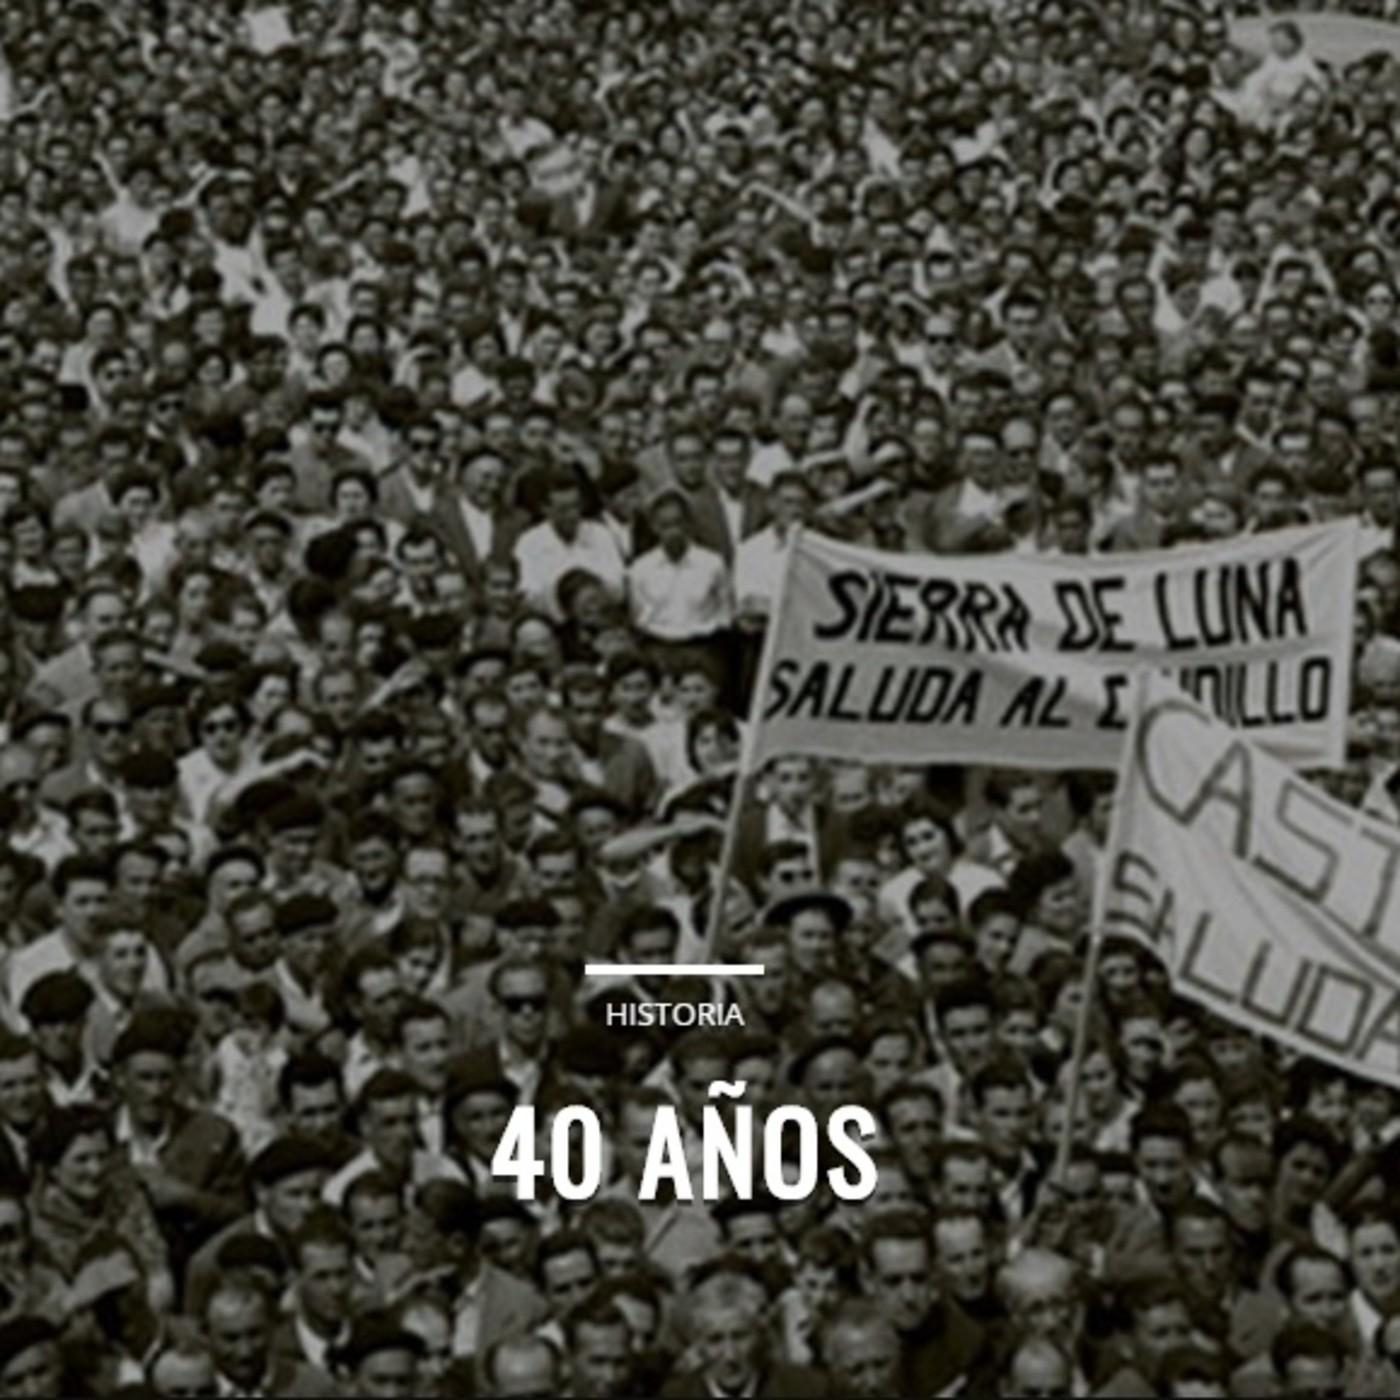 Guerra Civil / Franquismo